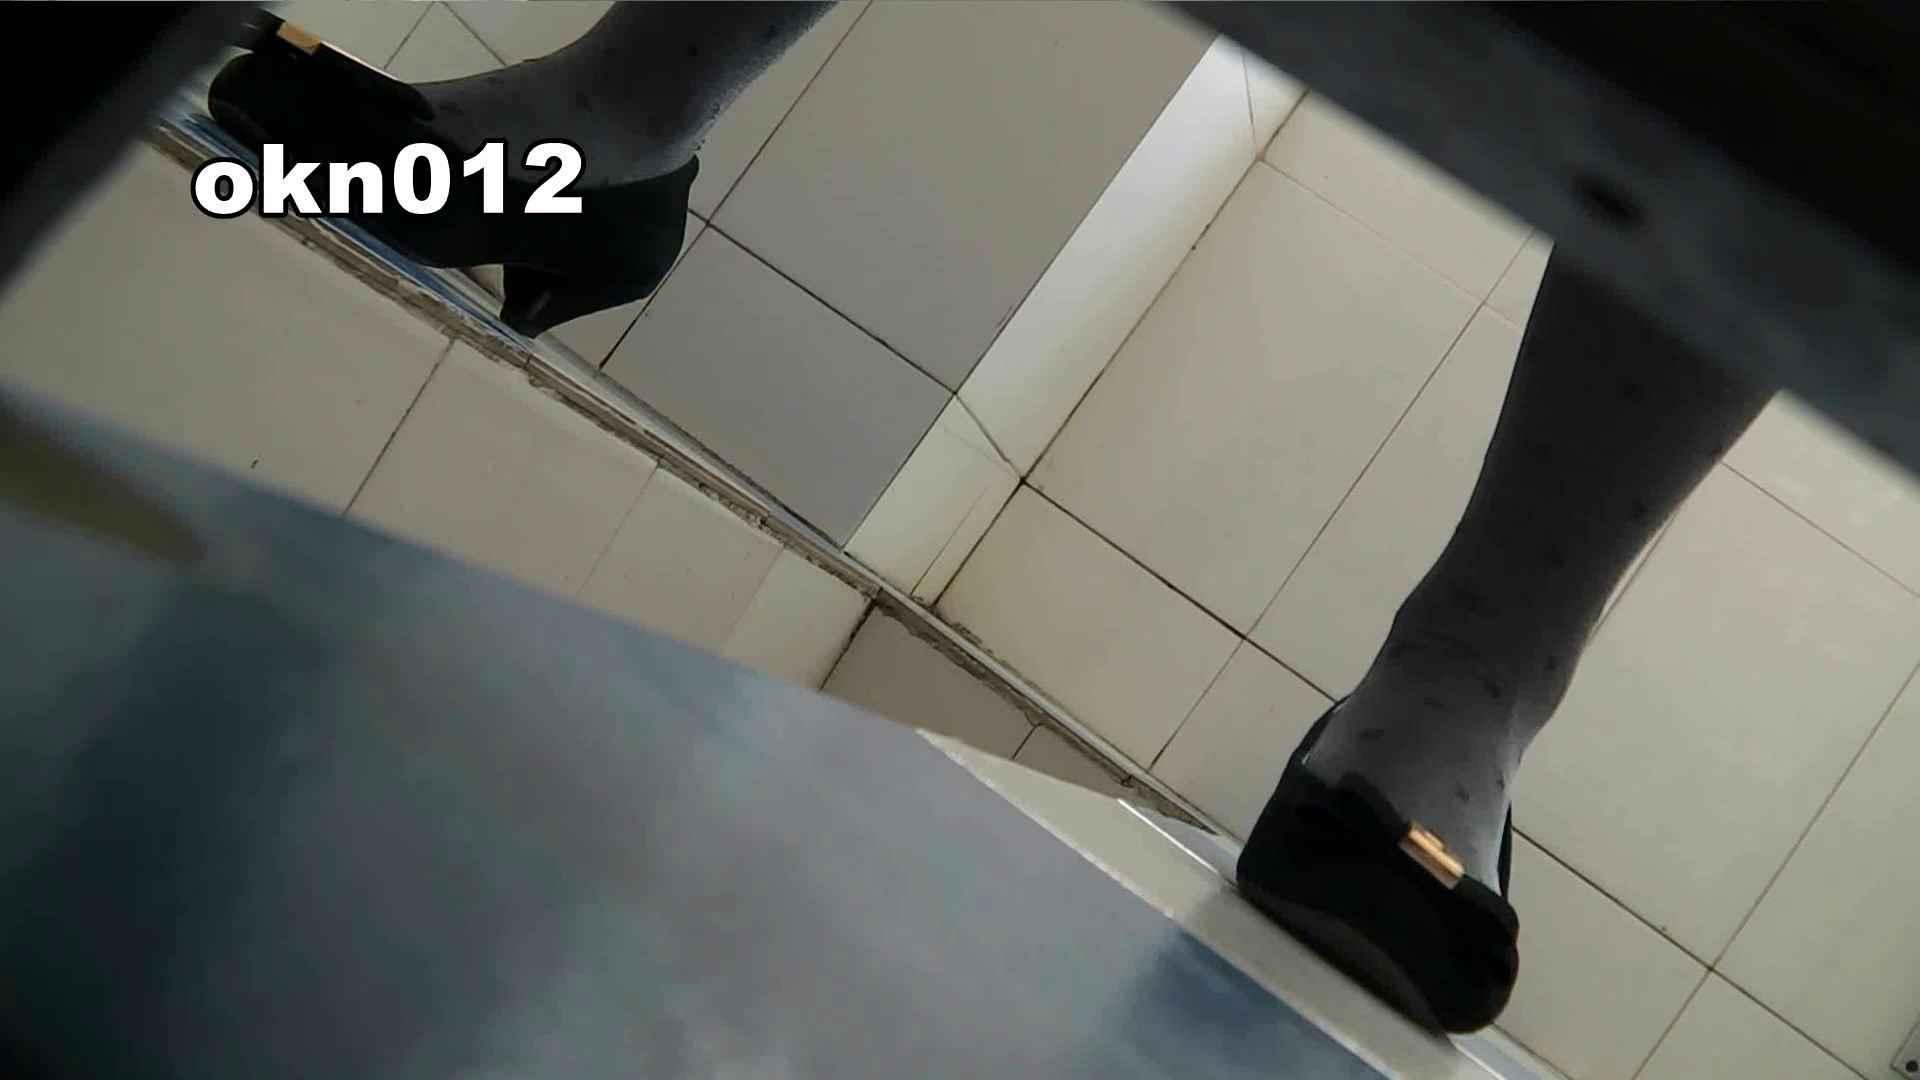 下からノゾム vol.012 長いものには エッチなお姉さん AV動画キャプチャ 83画像 14